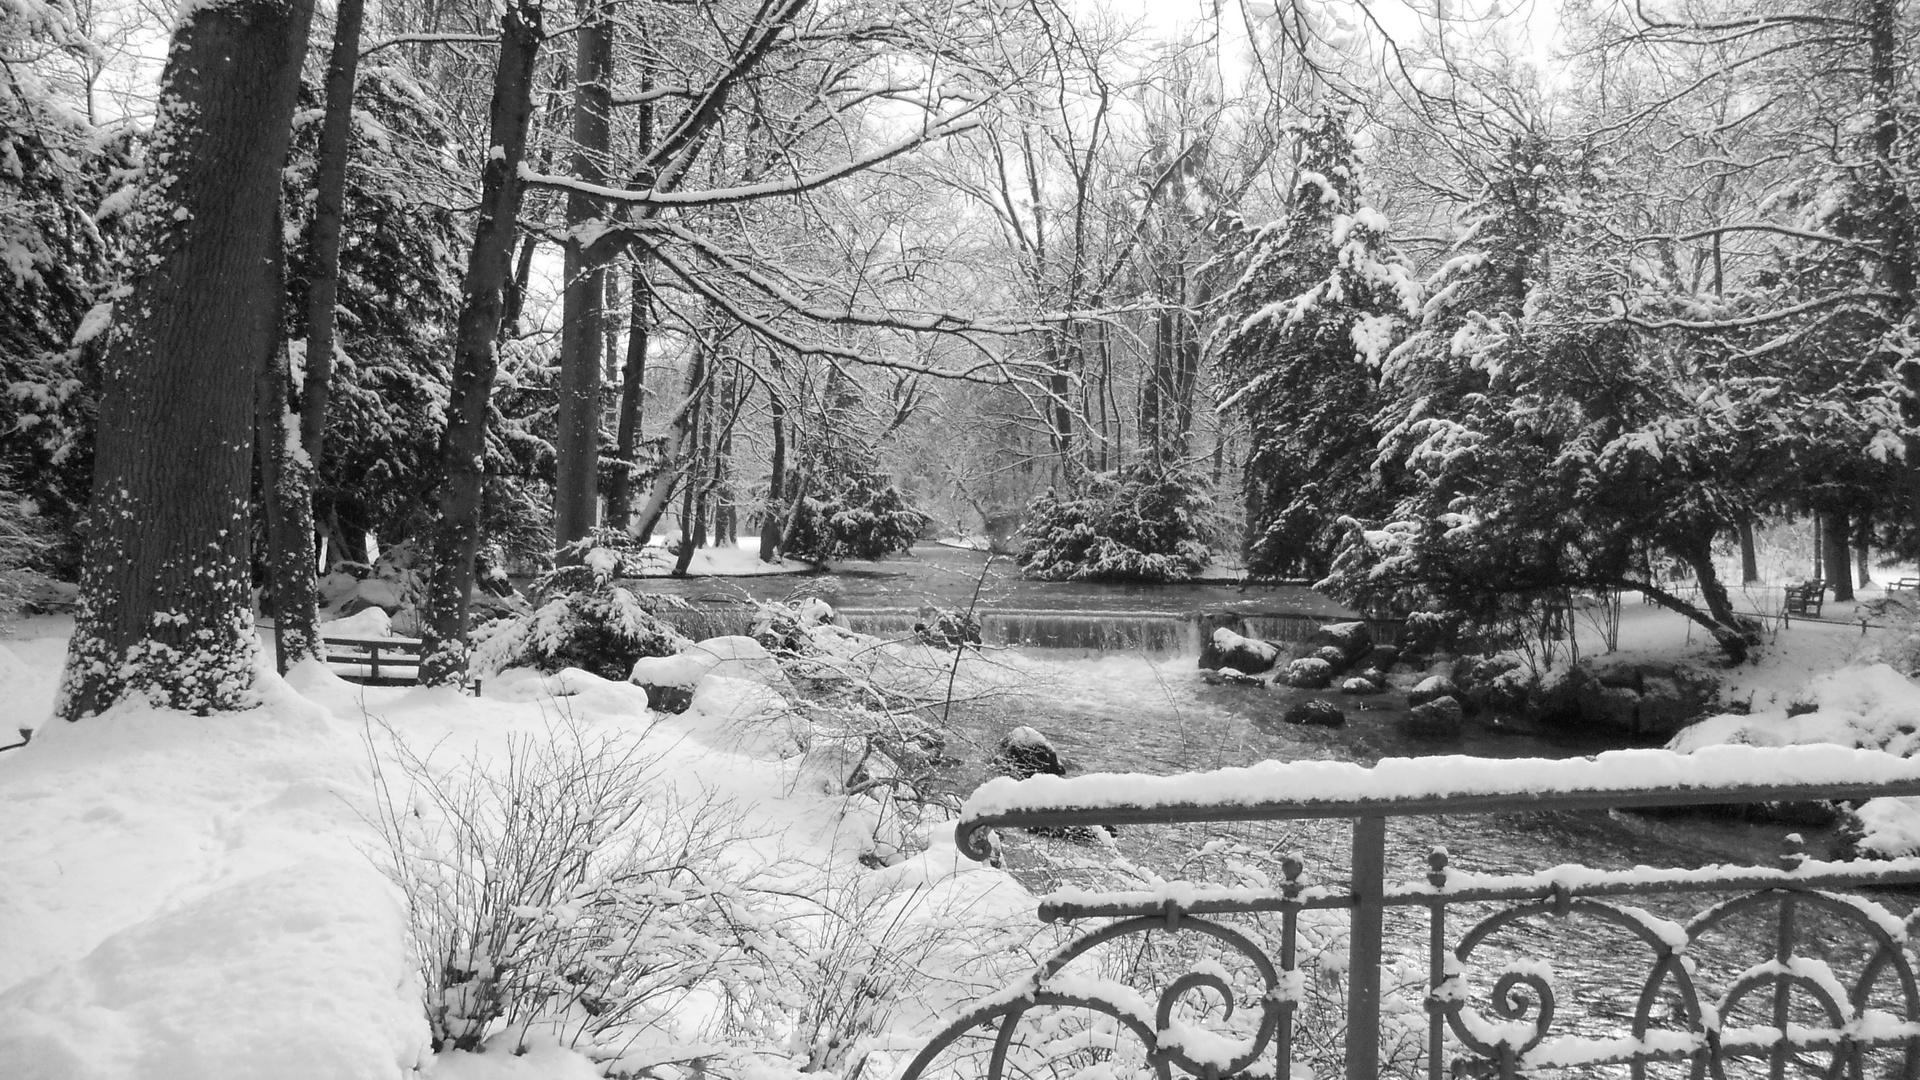 Schnee.Schnee Schnee.